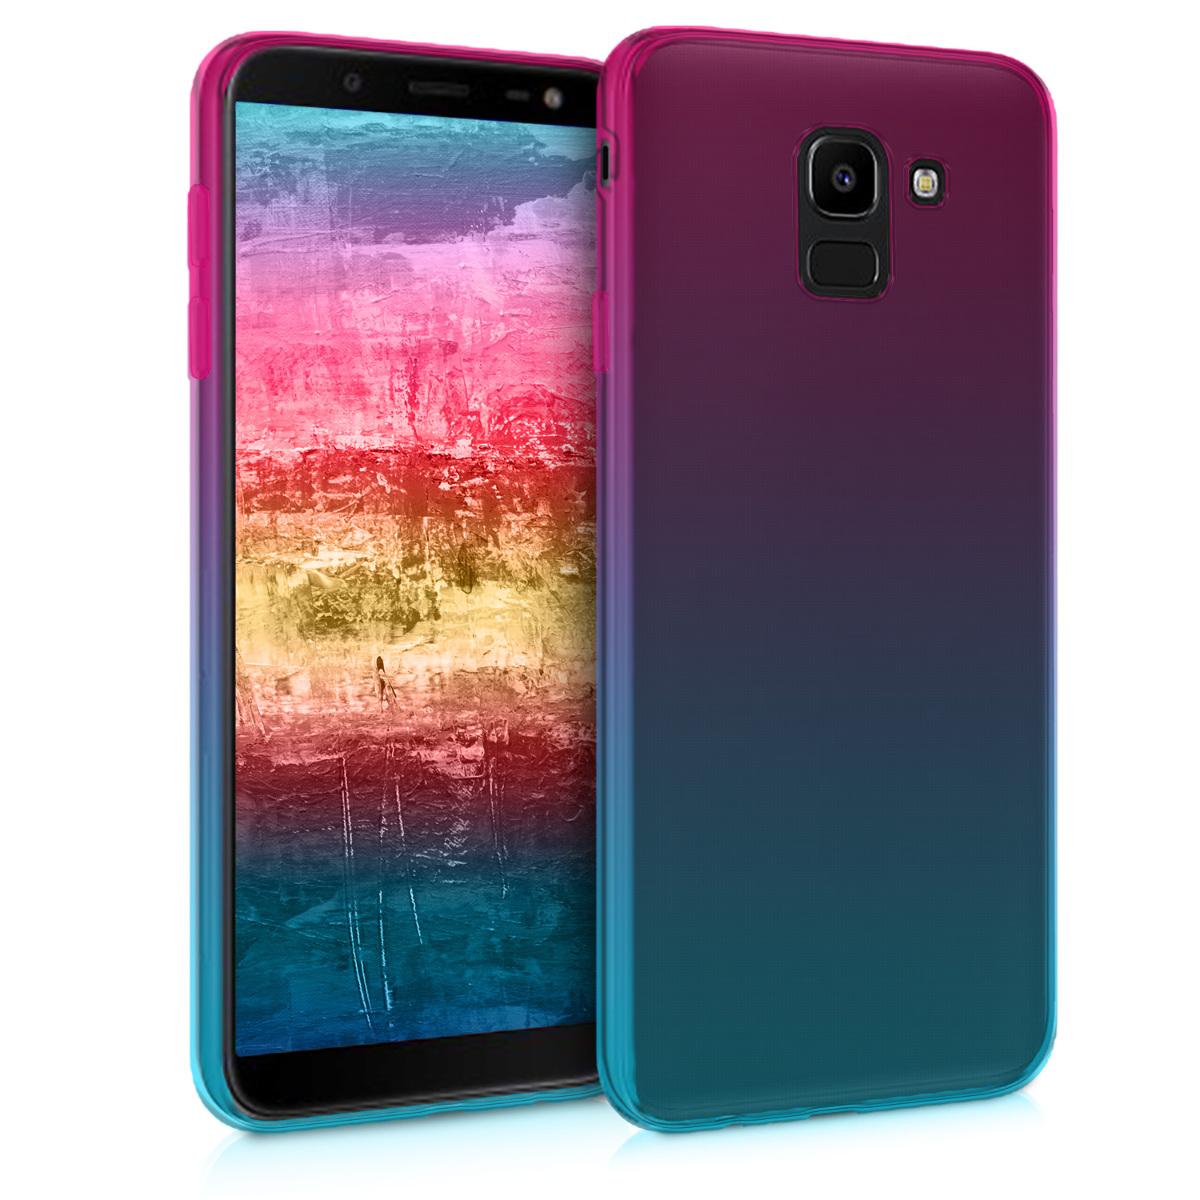 Kvalitní silikonové TPU pouzdro pro Samsung J6 - Bicolor tmavě růžová / modré / průhledná